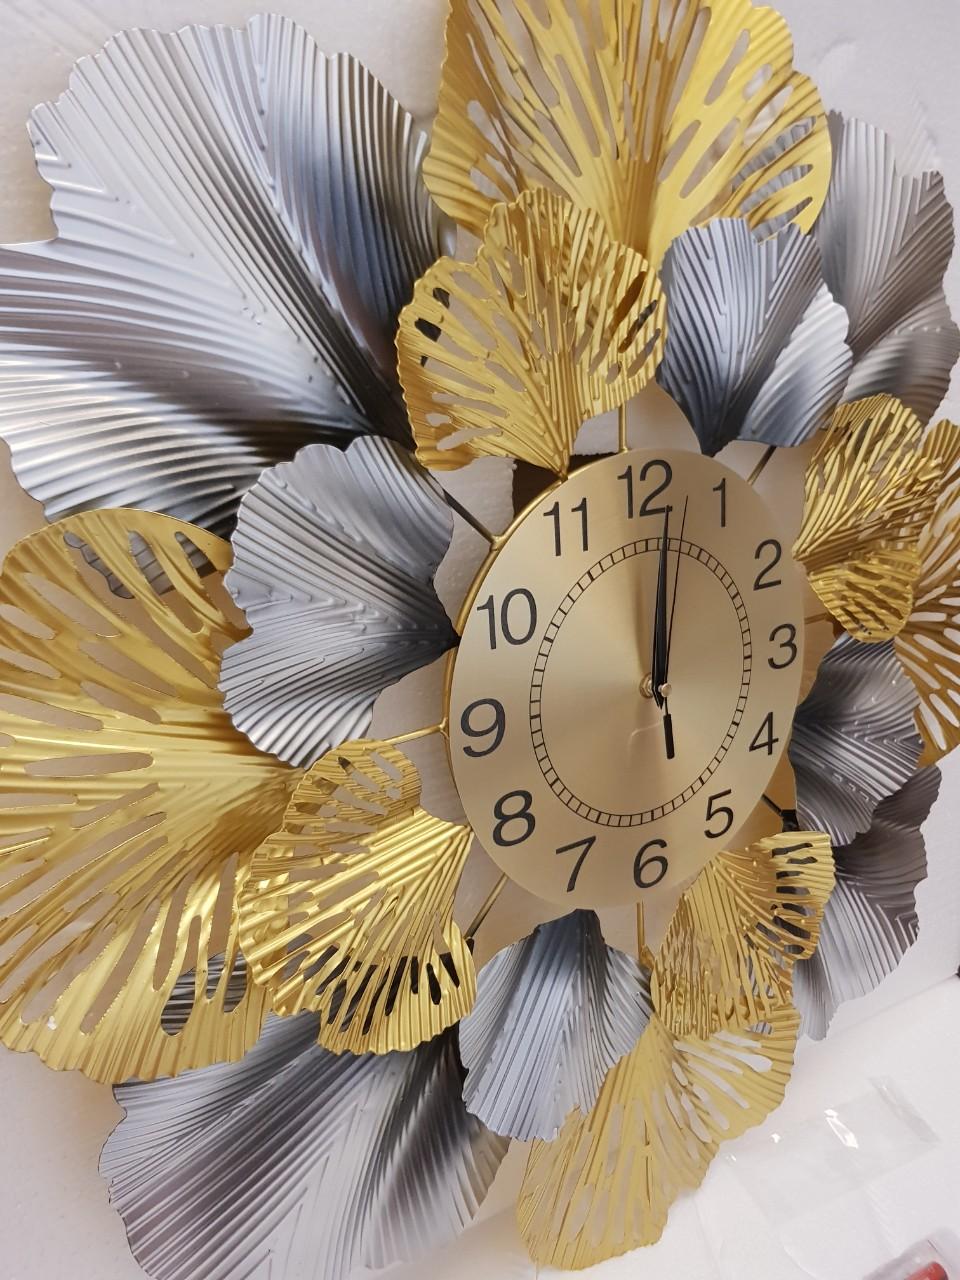 Đồng Hồ Treo Tường Trang Trí Phòng Khách Mẫu Deco Nghệ Thuật RD75 Phong Cách Trang Trí Nội Thất Hiện Đại, Sang Trọng